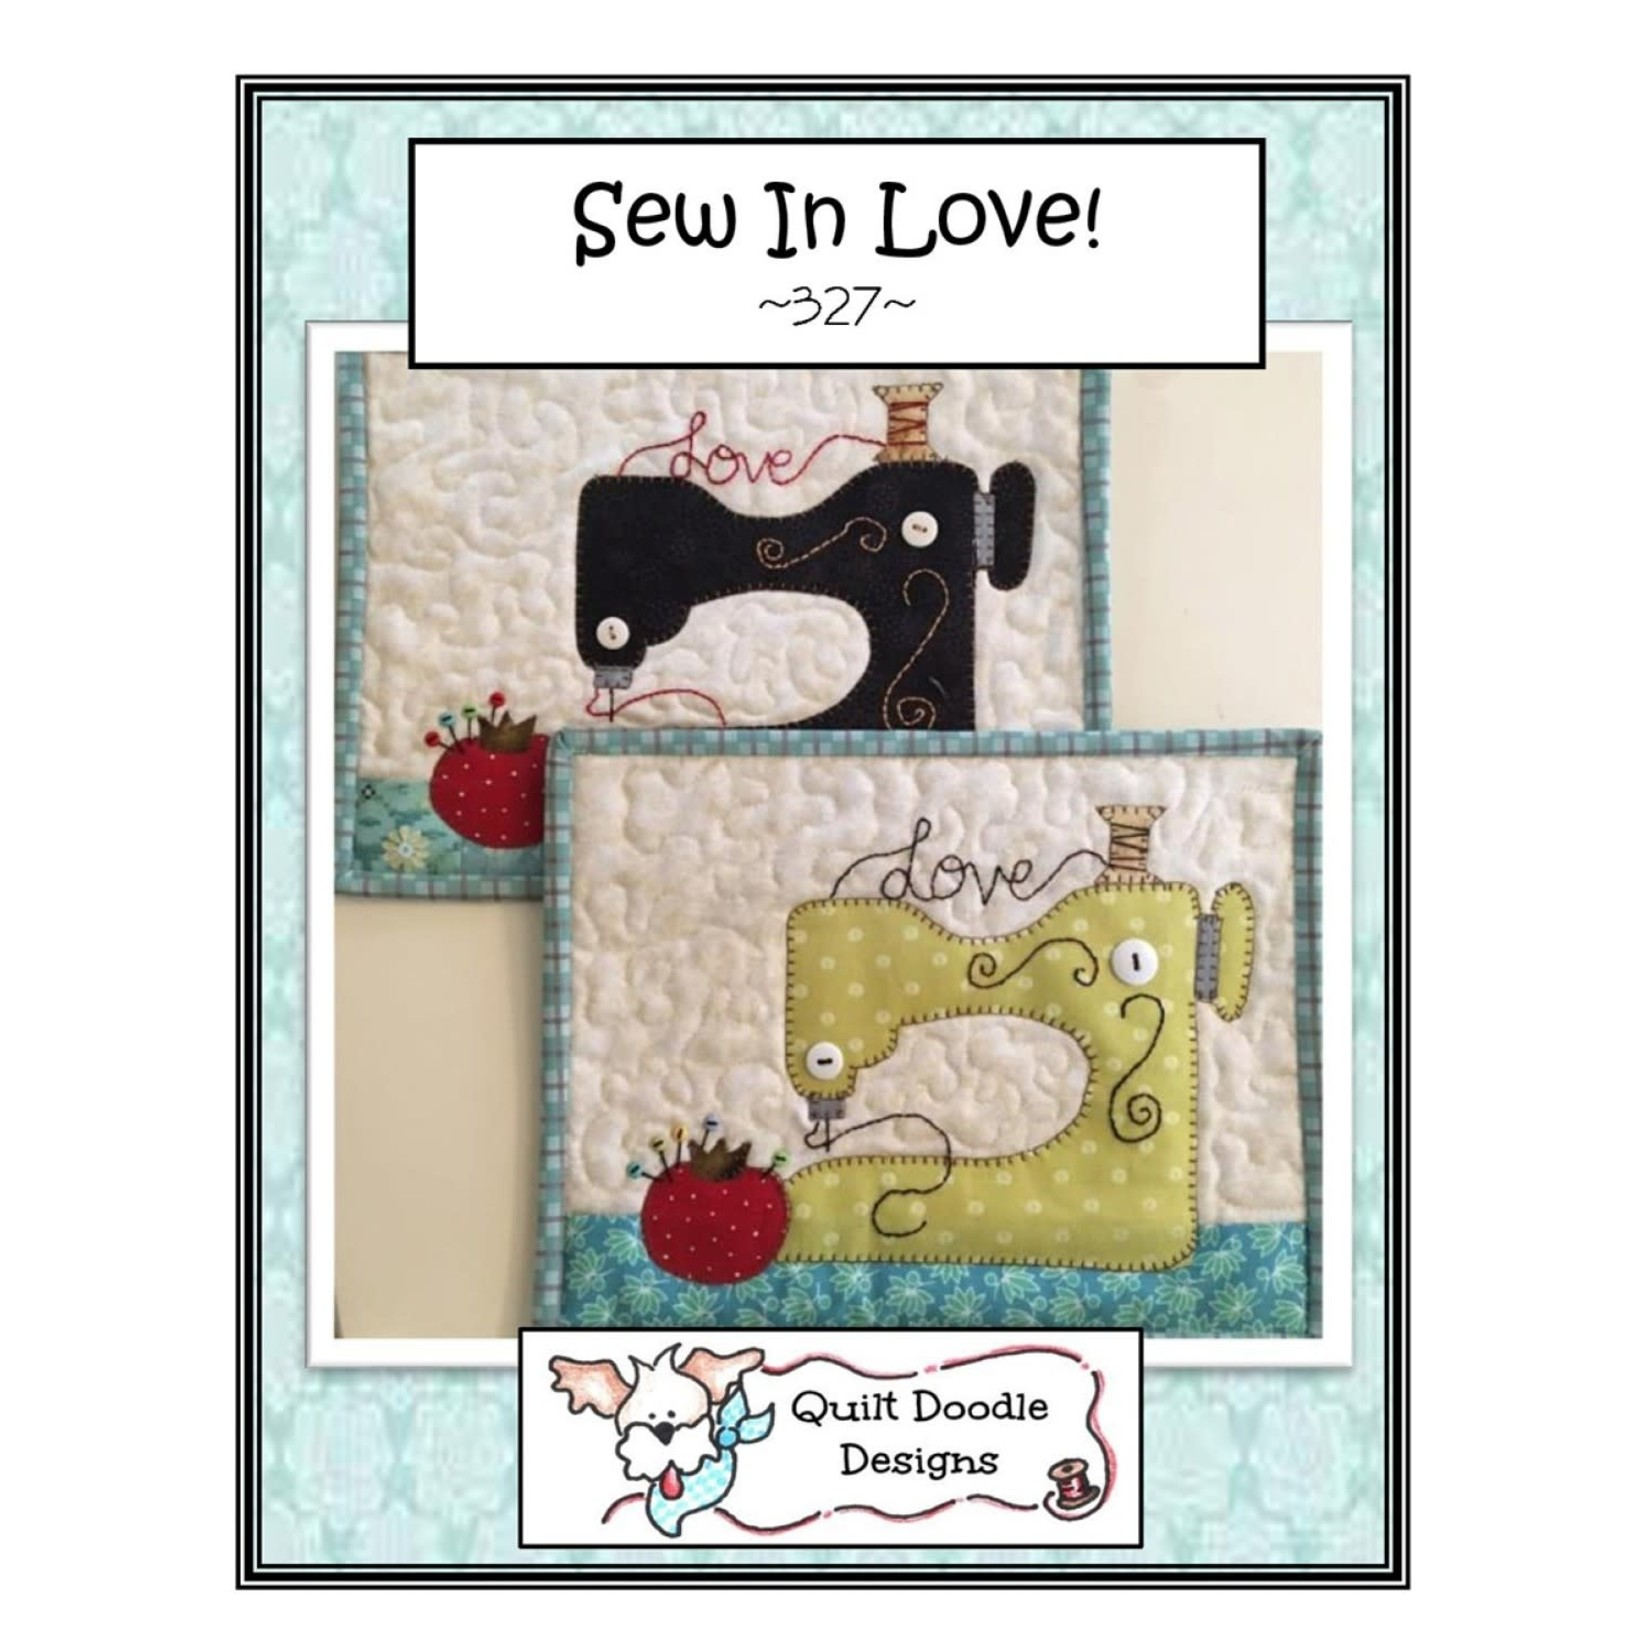 Quilt Doodle Designs Sew In Love Mug Rug